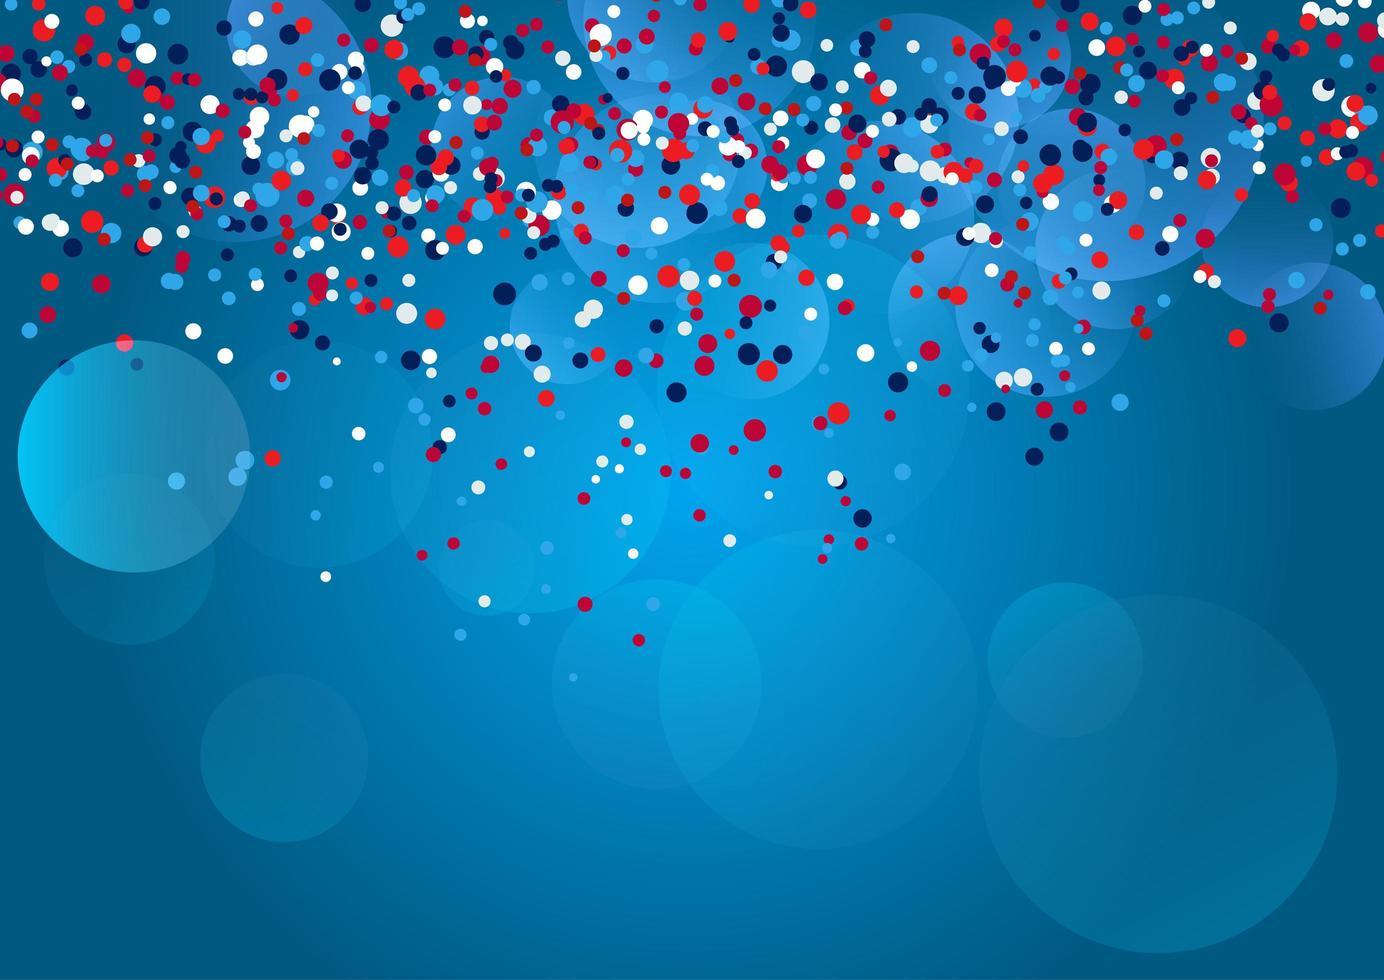 rotes, blaues und weißes Konfetti. vektor